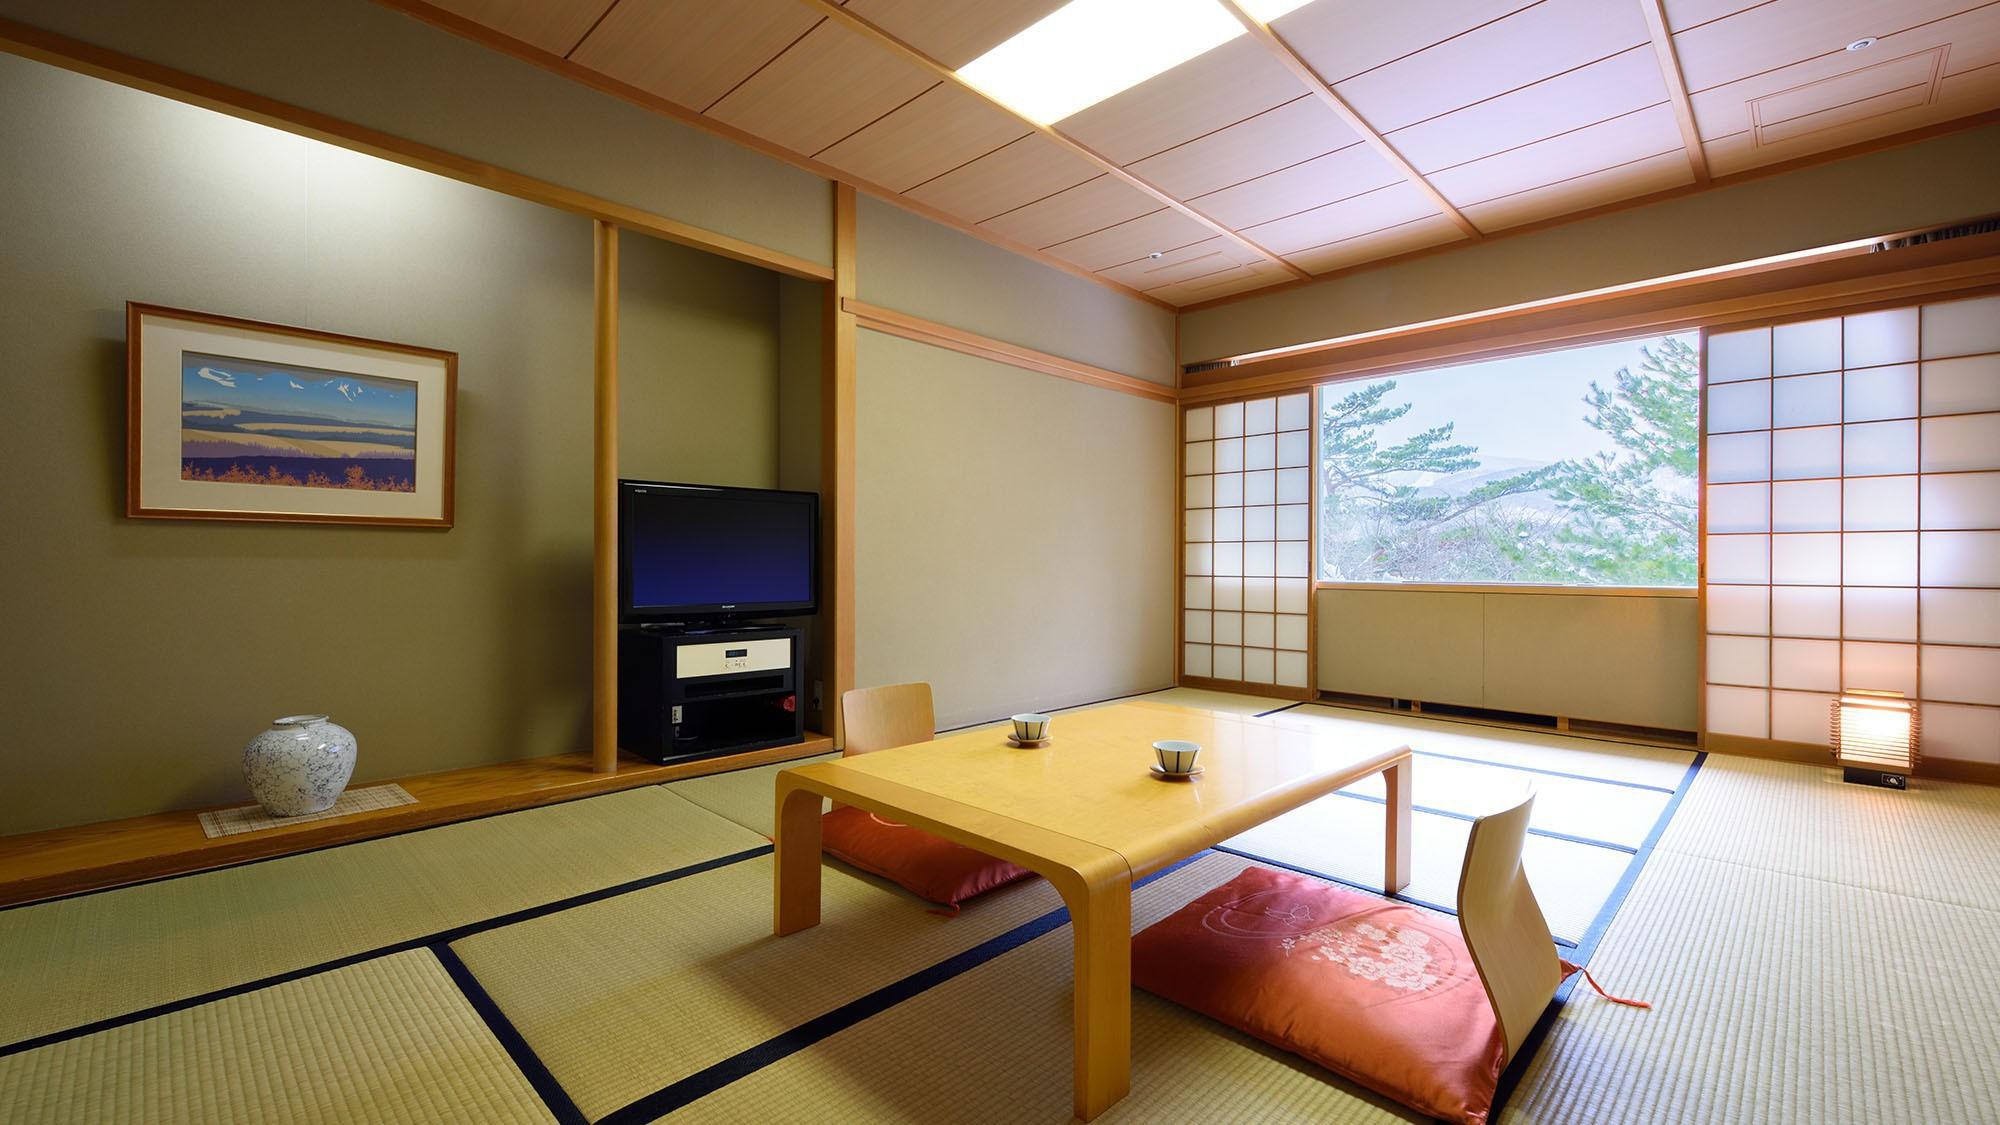 【和室】12畳。ファミリーに最適な大人数でご利用いただけるお部屋です。